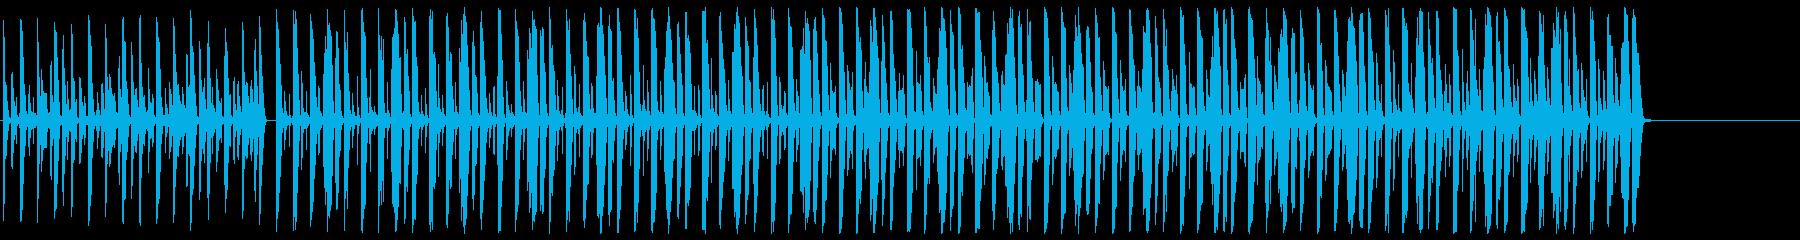 元気 コミカル オープニング 楽しいの再生済みの波形